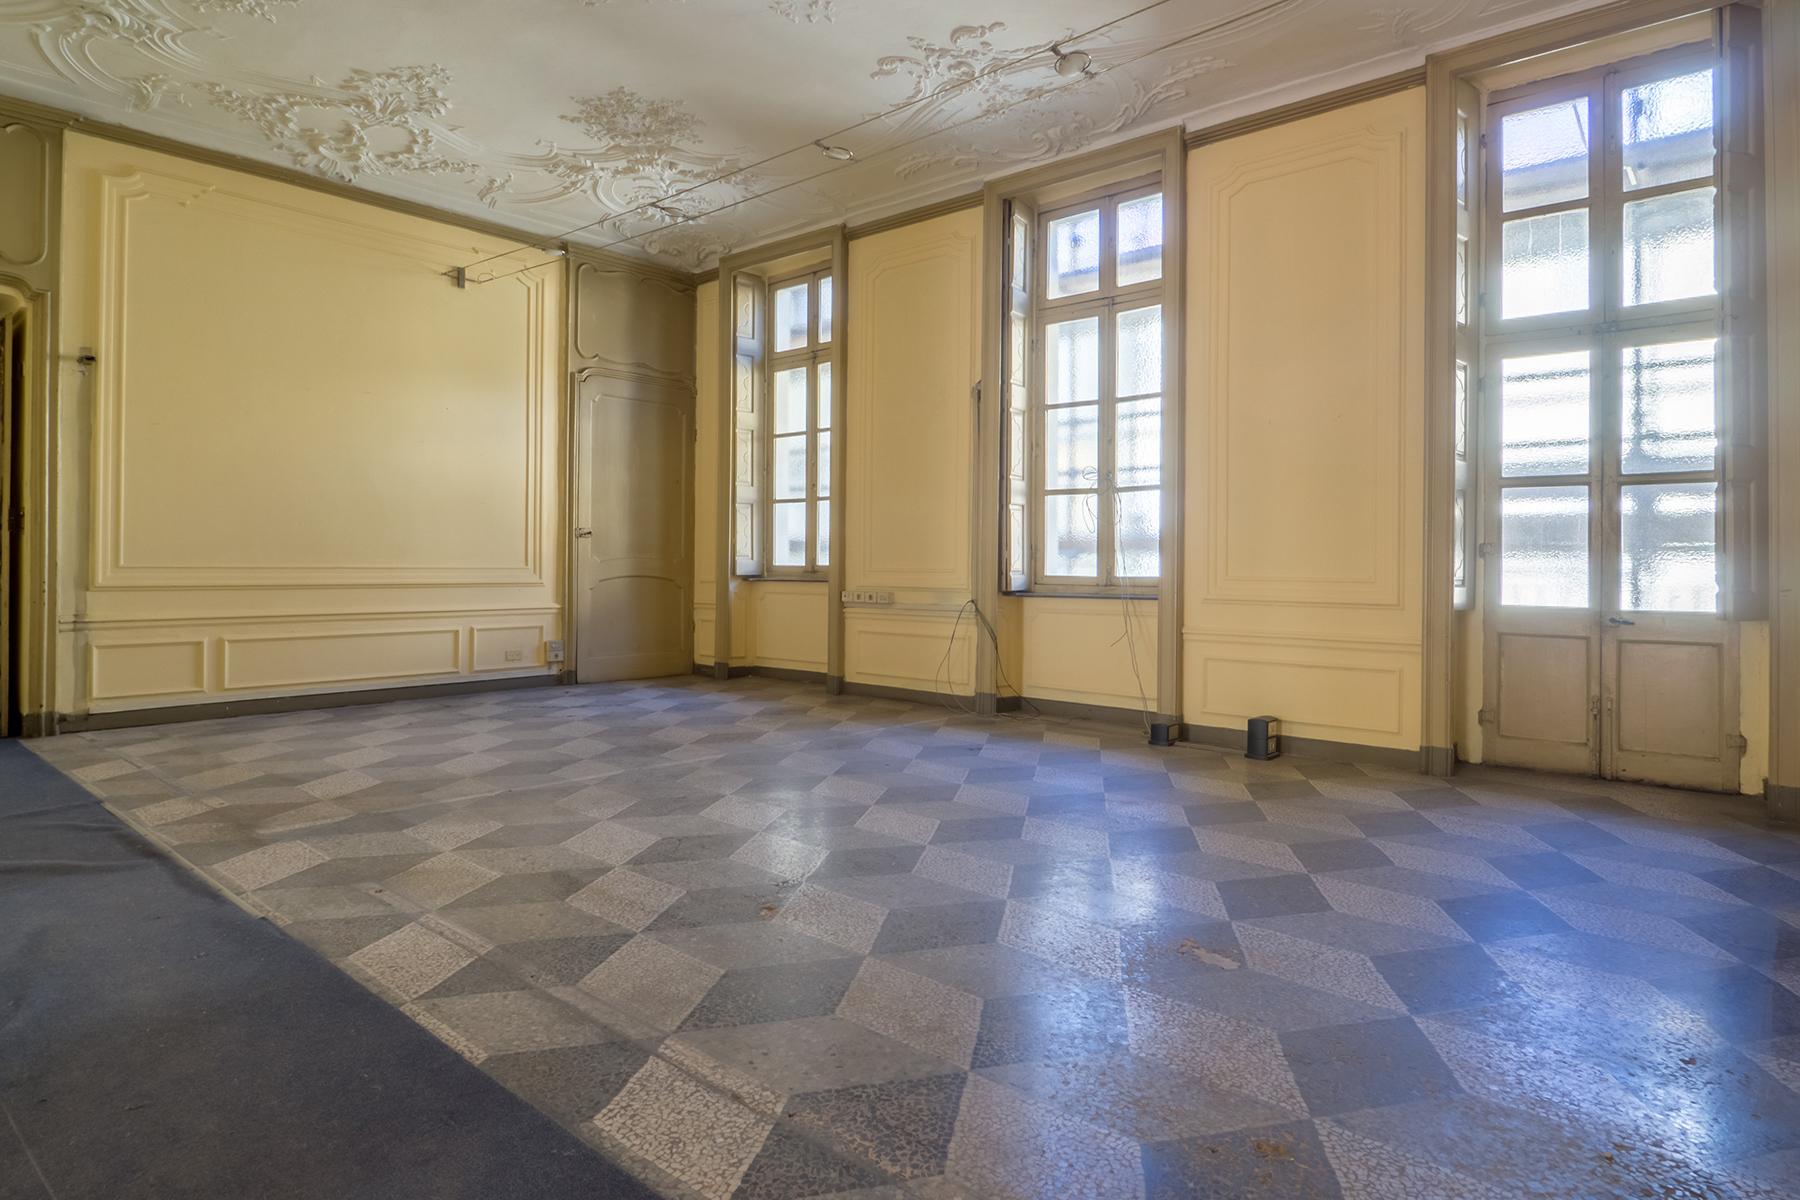 Ufficio-studio in Affitto a Torino: 5 locali, 337 mq - Foto 8